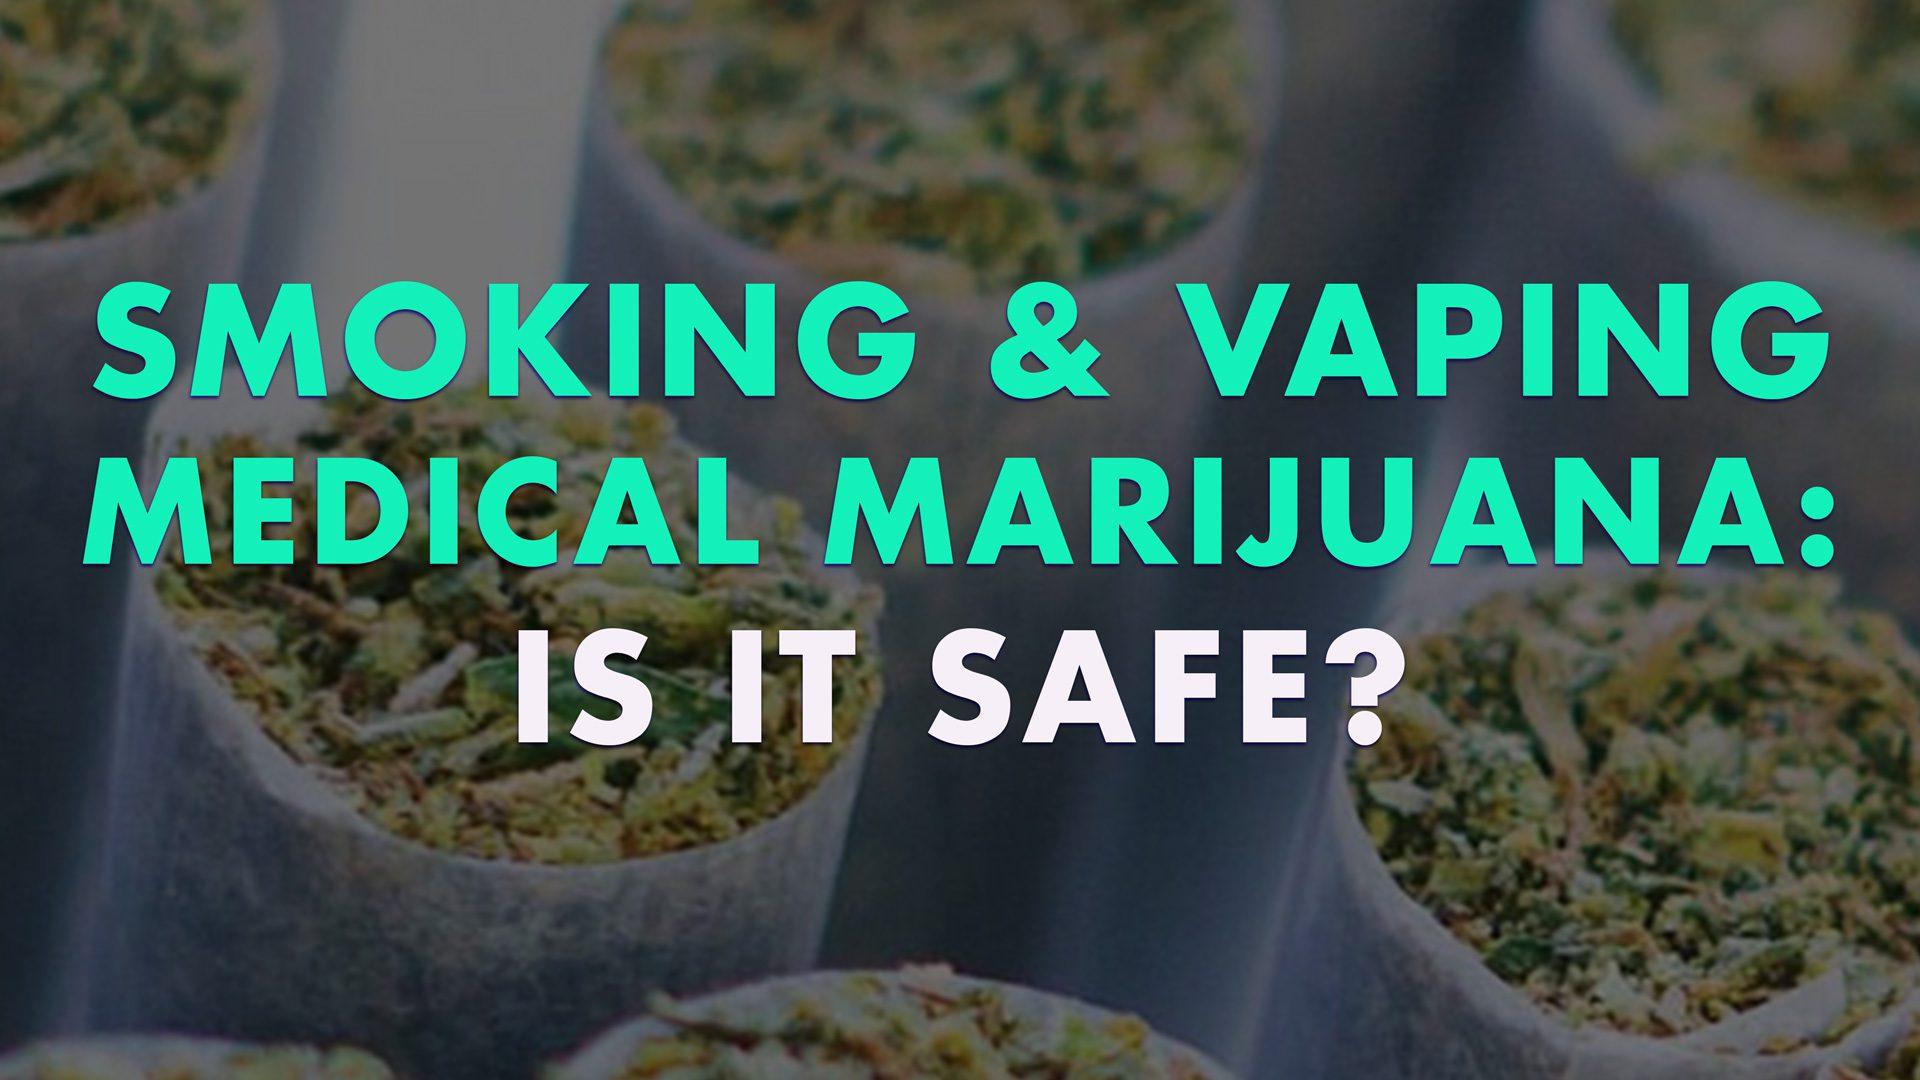 Smoking and vaping medical marijuana: is it safe?